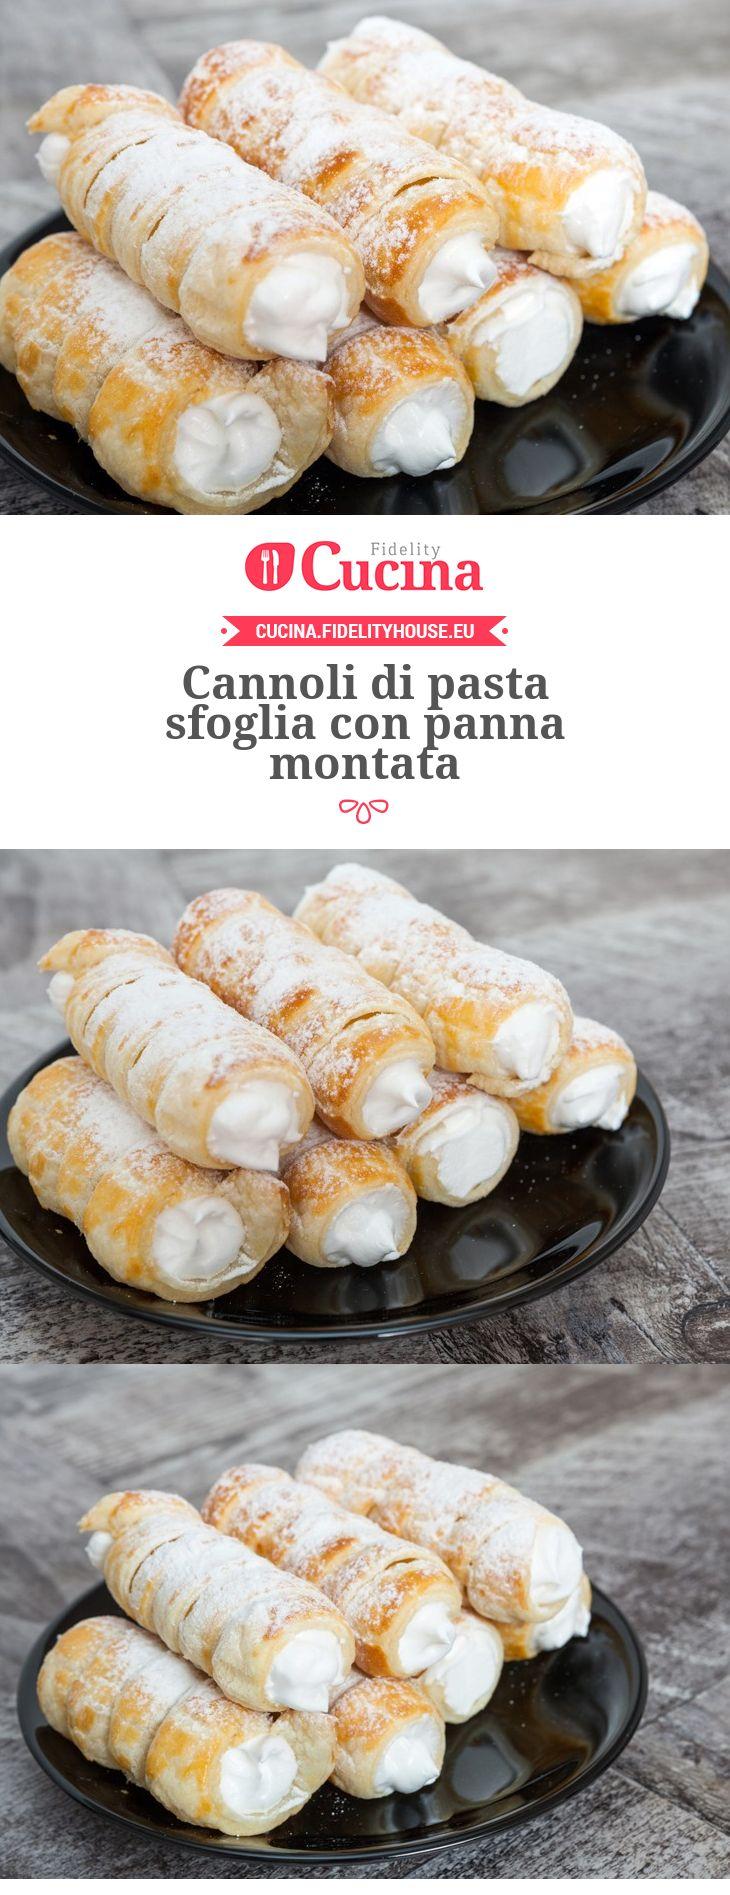 Cannoli di pasta sfoglia con panna montata